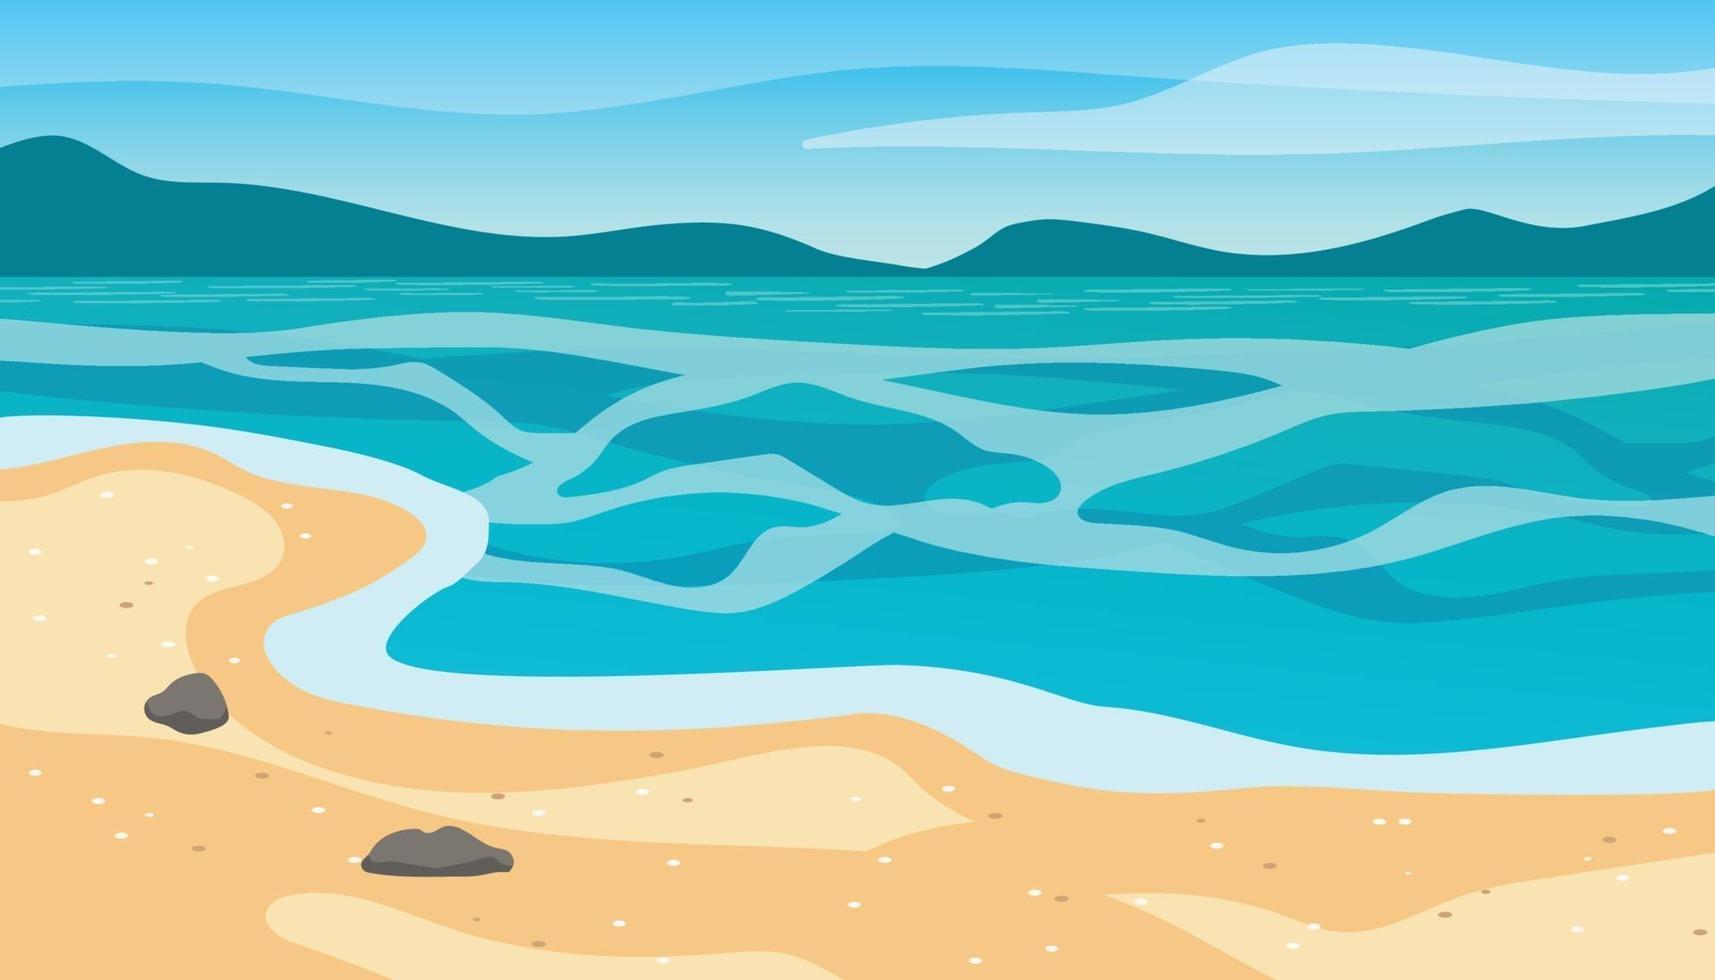 illustrazione del paesaggio estivo spiaggia vettore